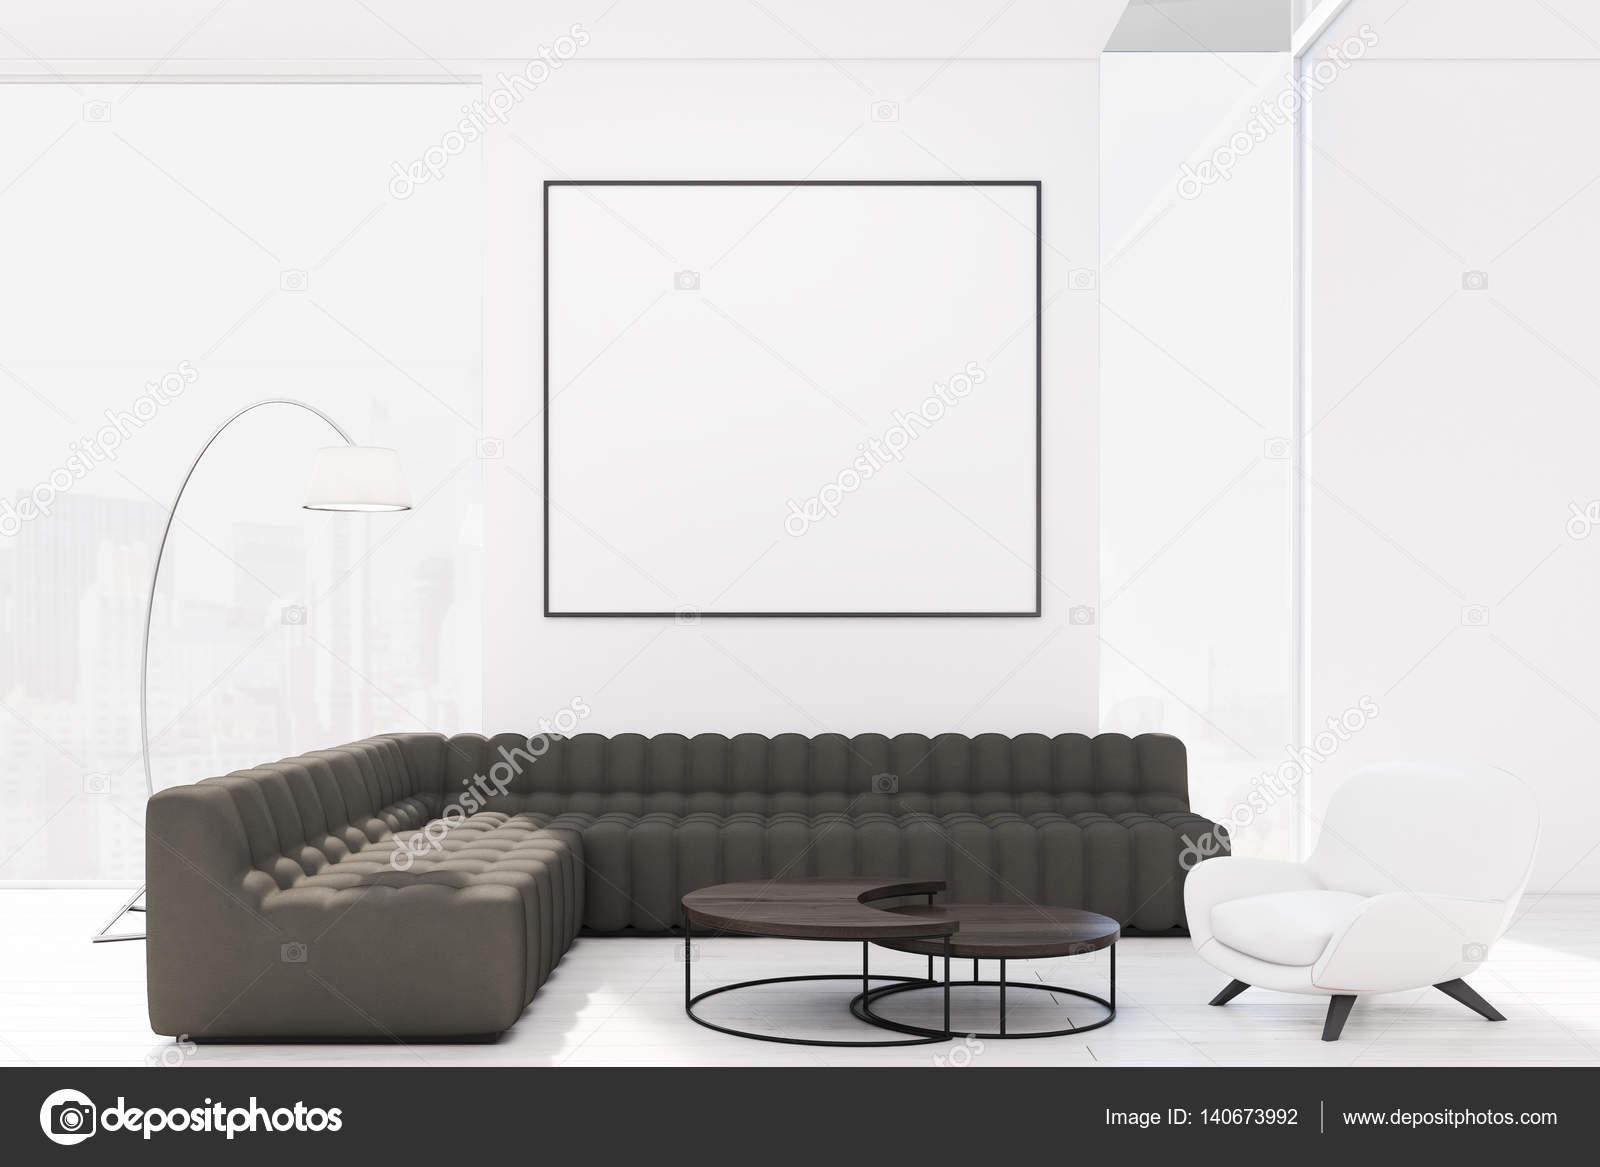 Soggiorno con poltrona e divani neri u foto stock denisismagilov